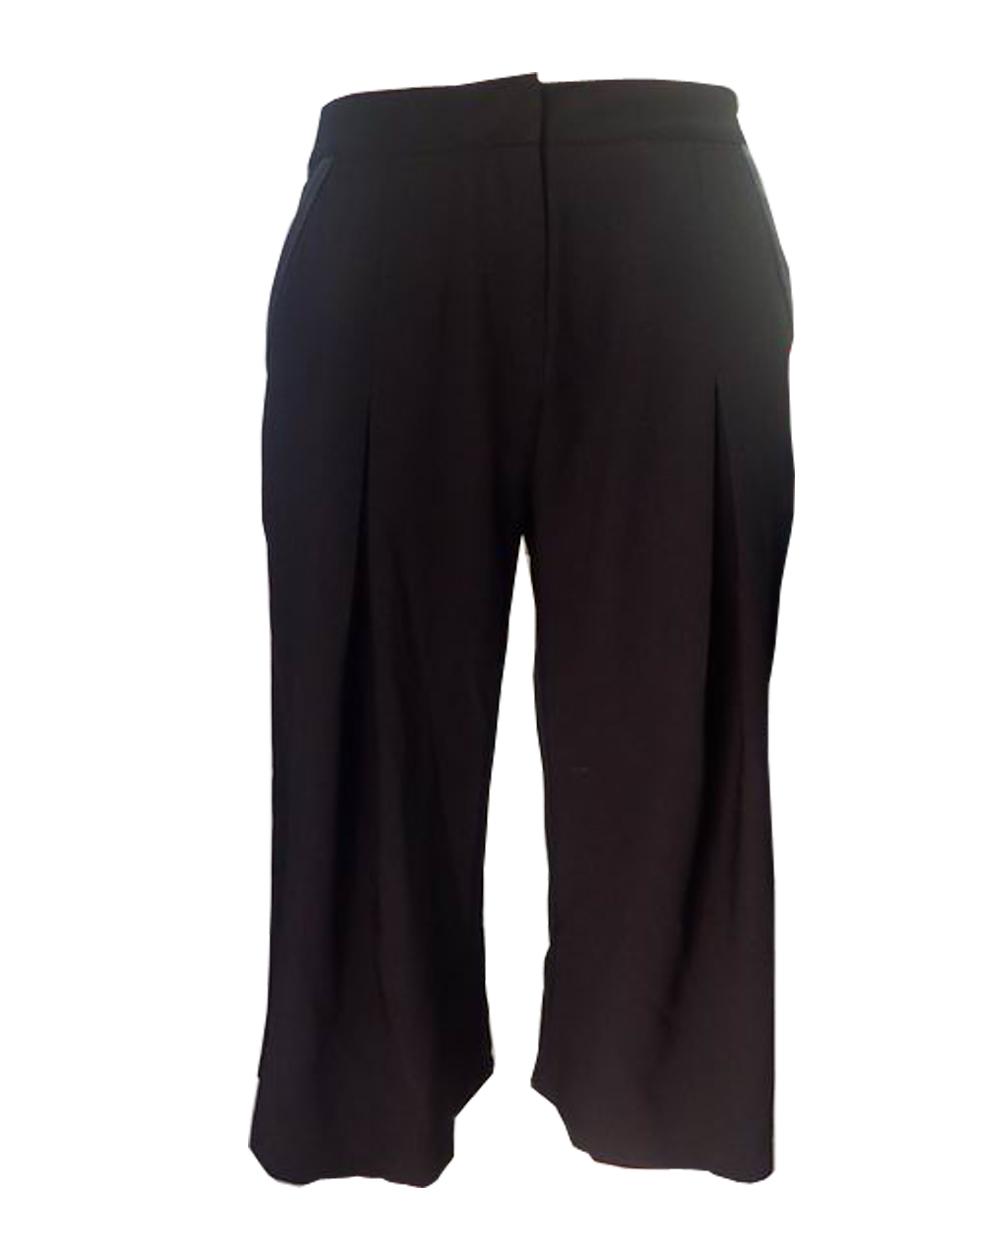 欧美时尚阔腿七分裤2276B